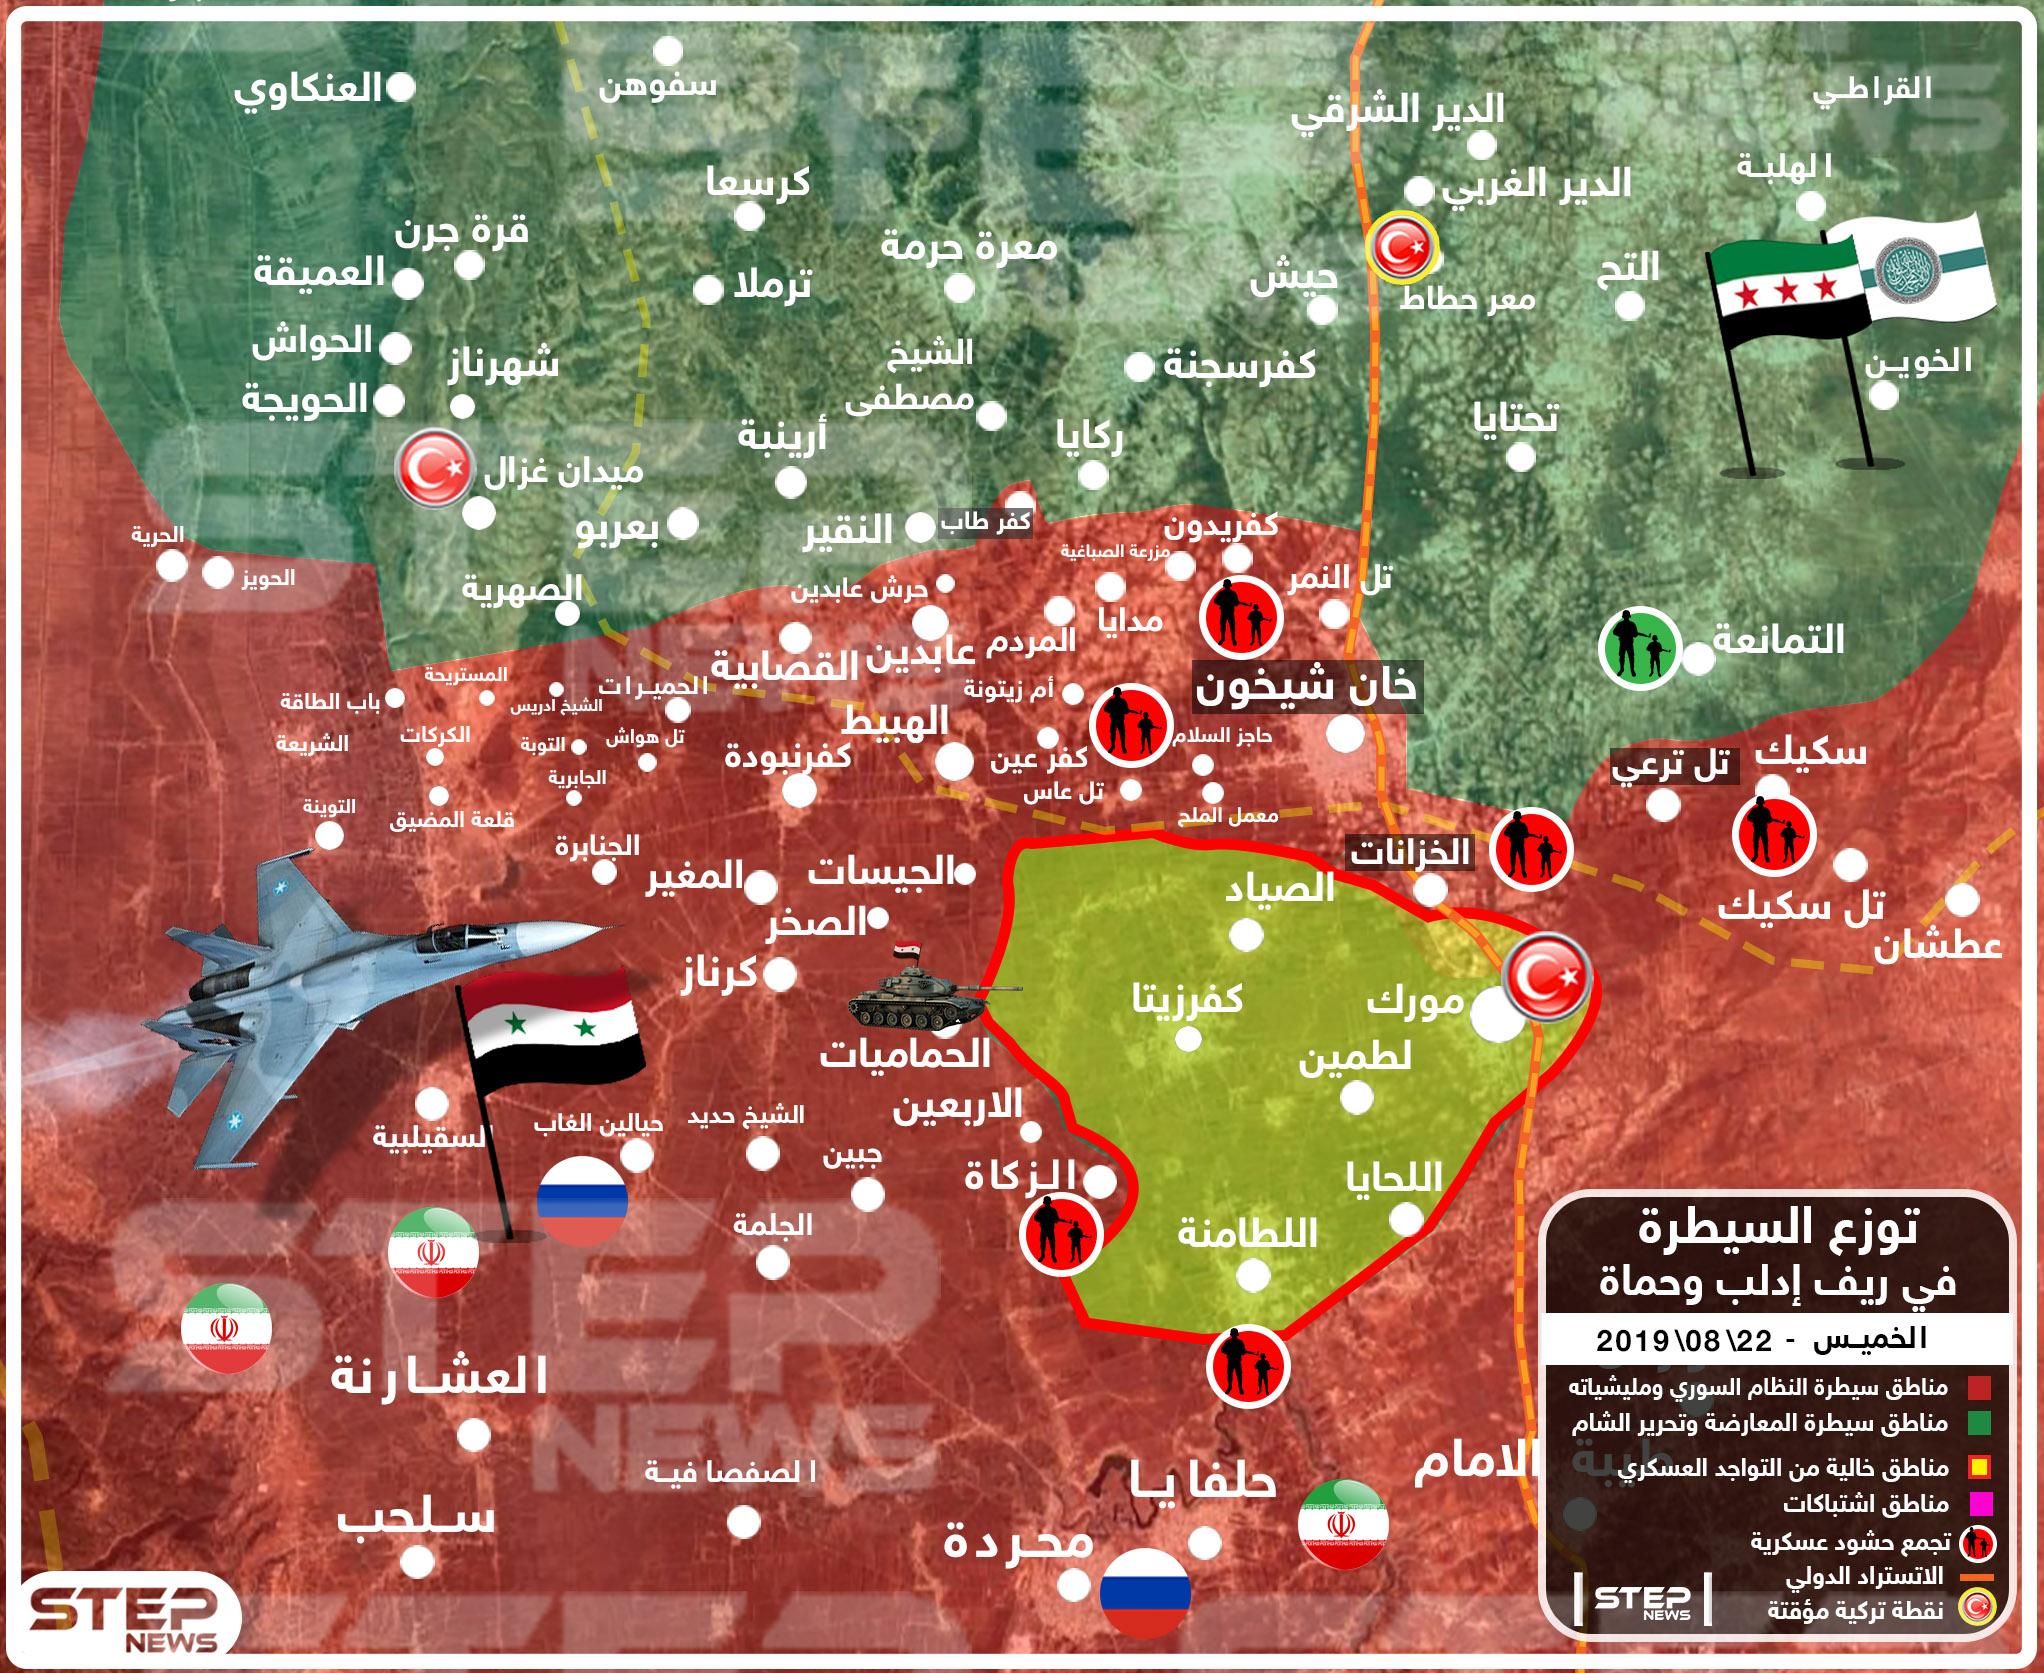 خريطة تُظهر وضع السيطرة الحالي في ريف إدلب الجنوبي وحماة الشمالي